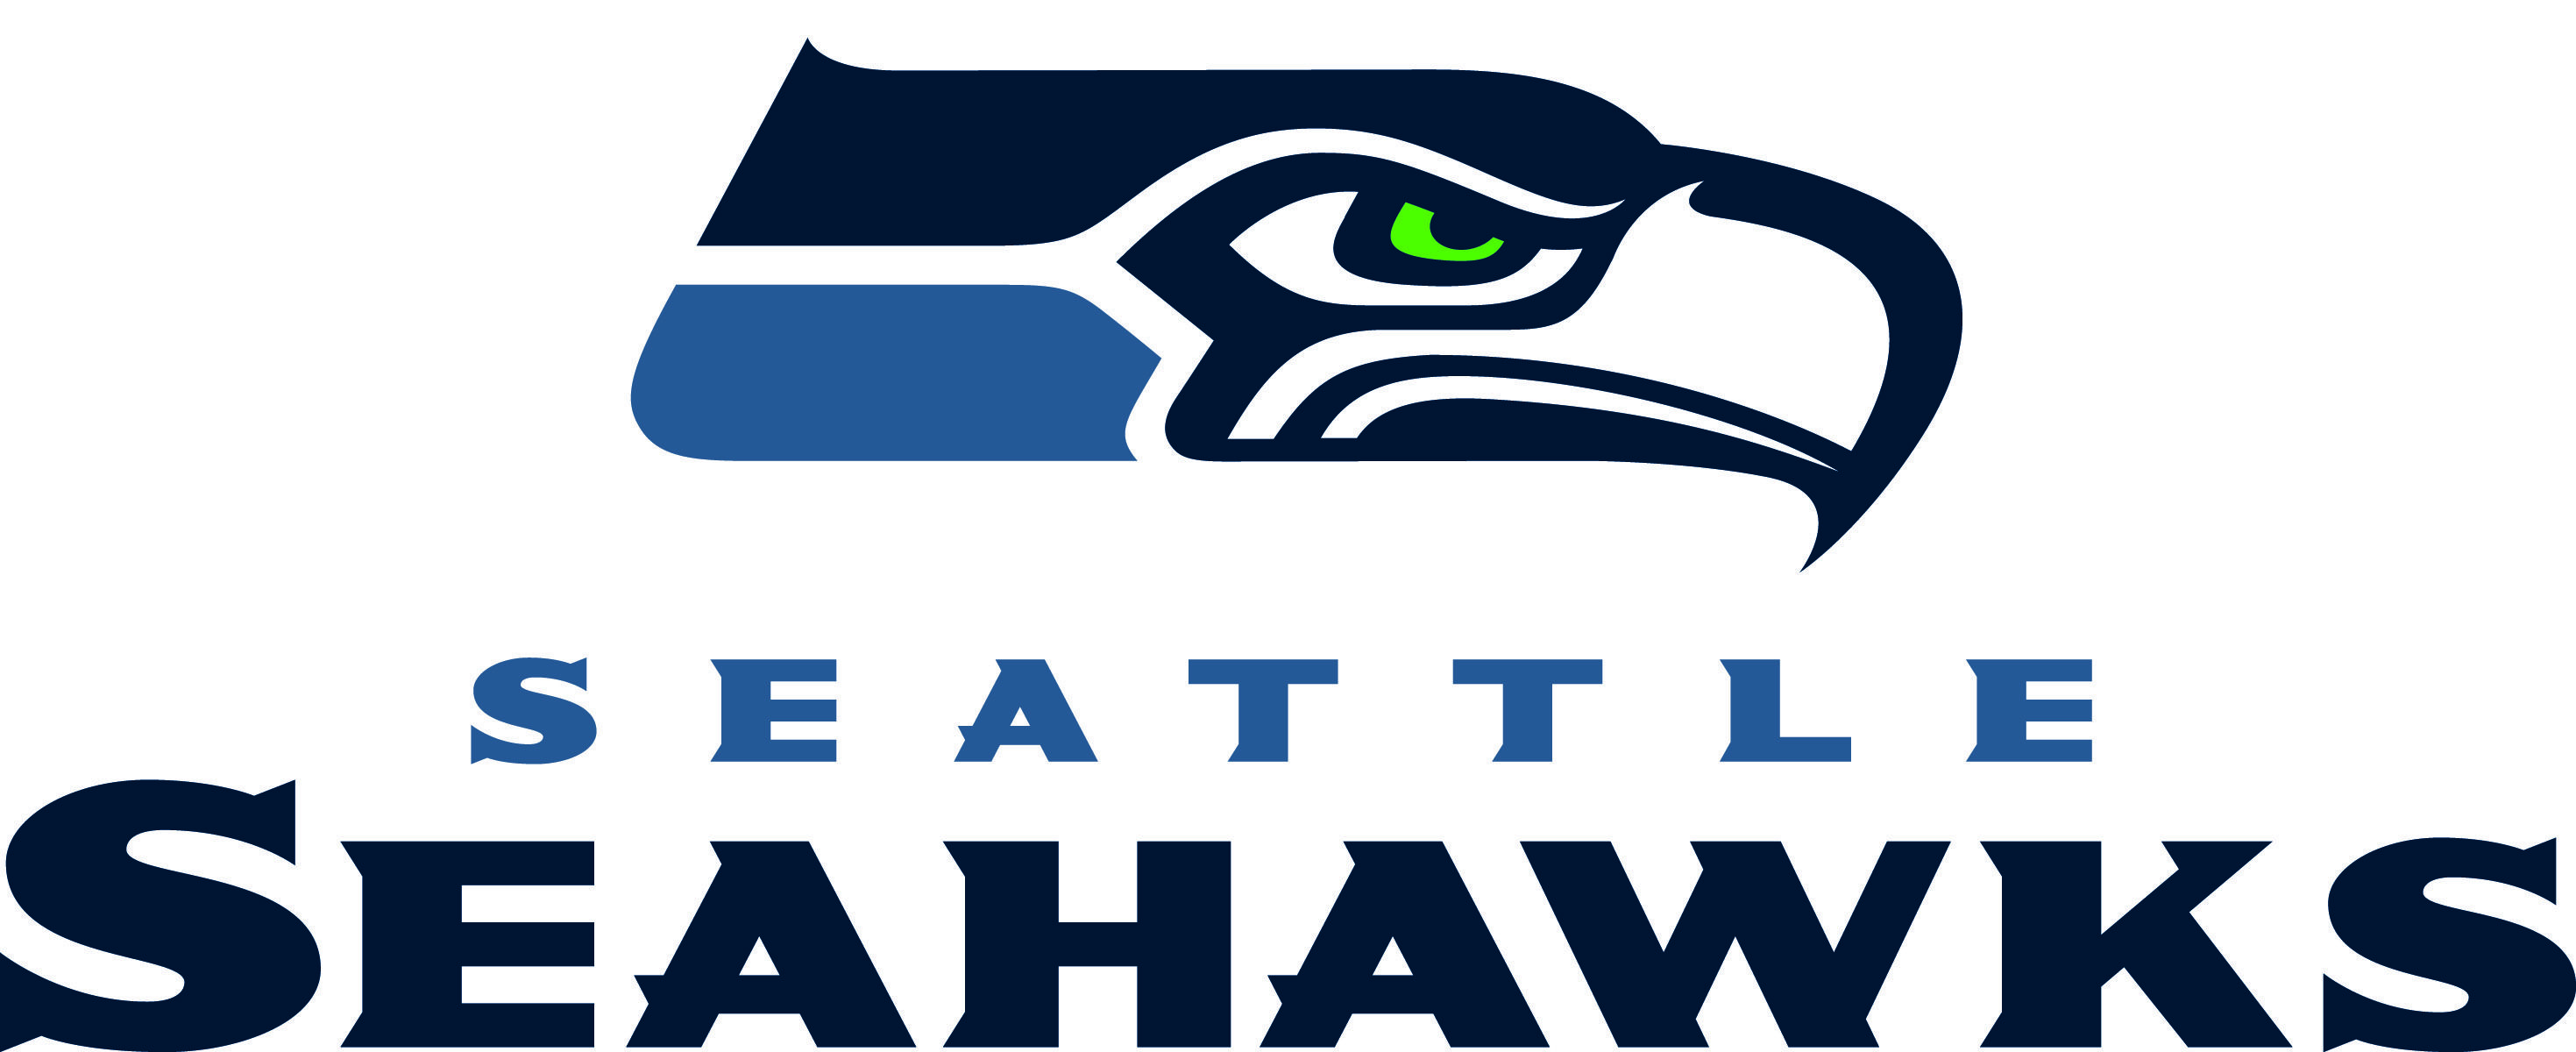 Sporty Wallpapers Seattle Seahawks Wallpaper 34257 Jpg 2939 1200 Seattle Seahawks Logo Seahawks Seattle Seahawks